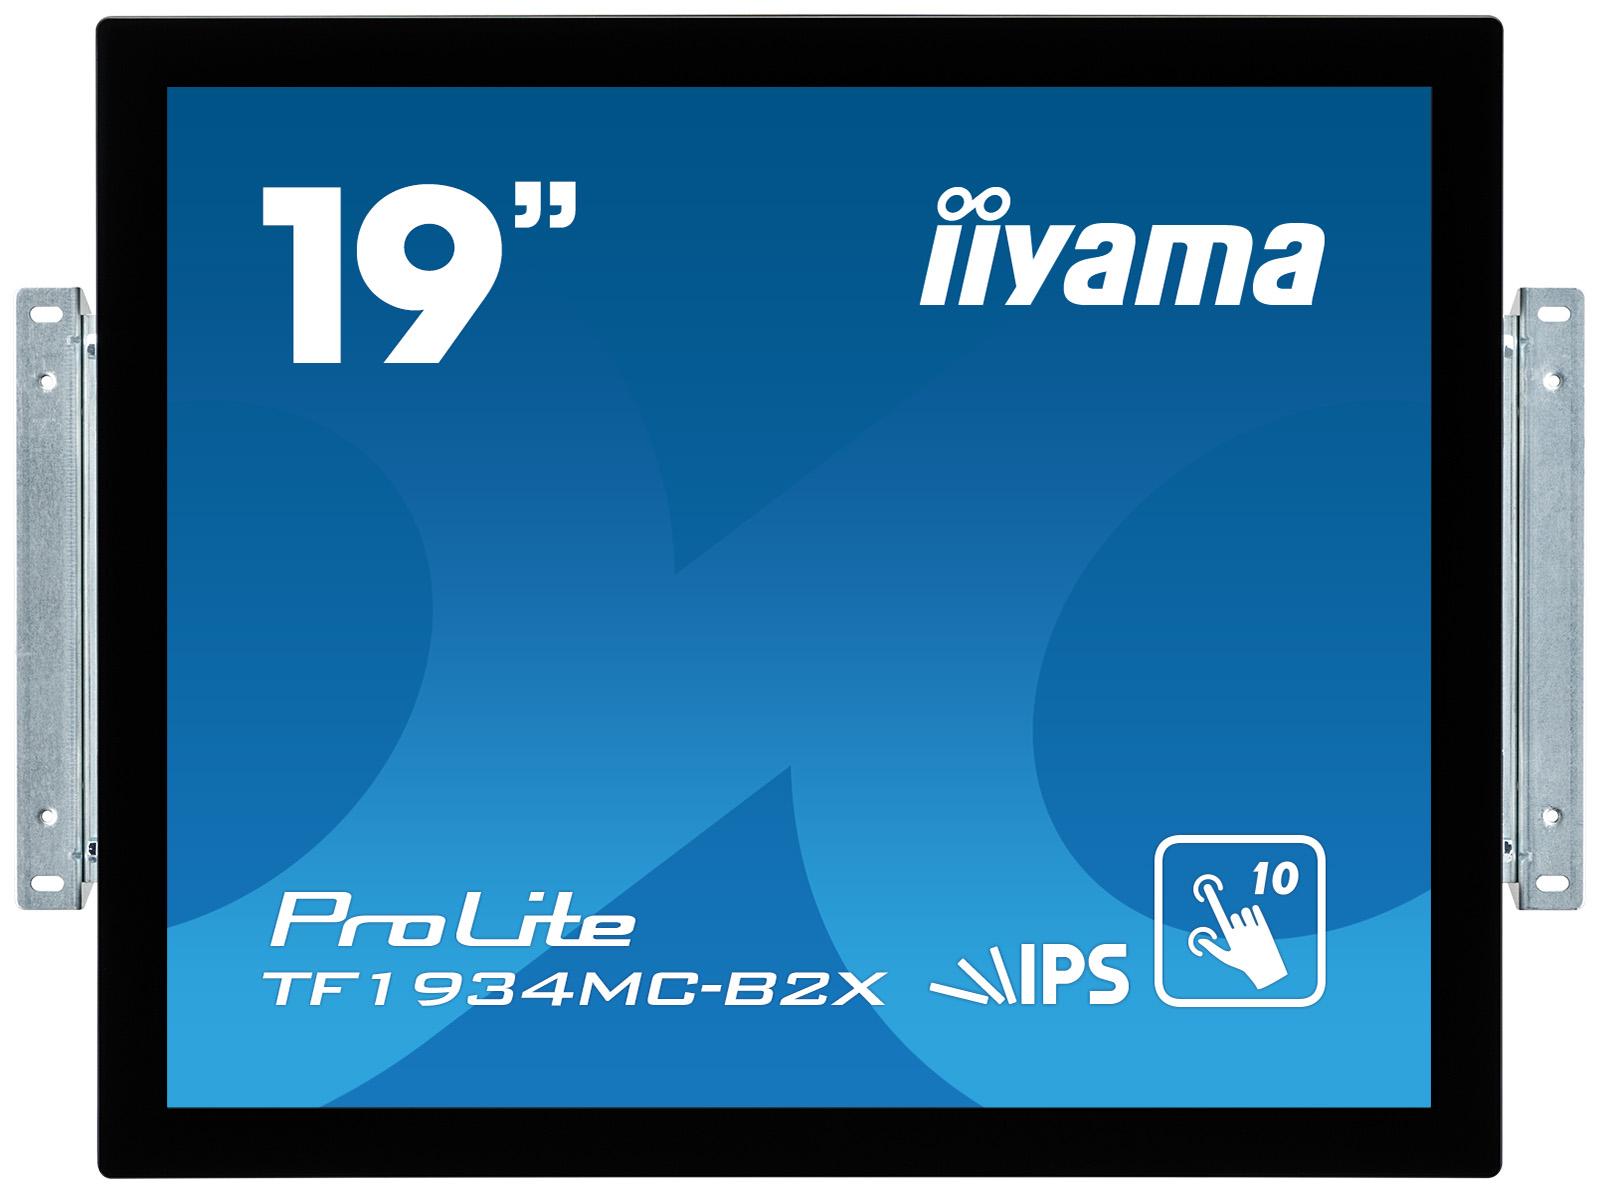 Iiyama LCD TF1934MC-B2X 19''LED IPS dotykový, 14ms, VGA/DVI, USB, 1280x1024, č